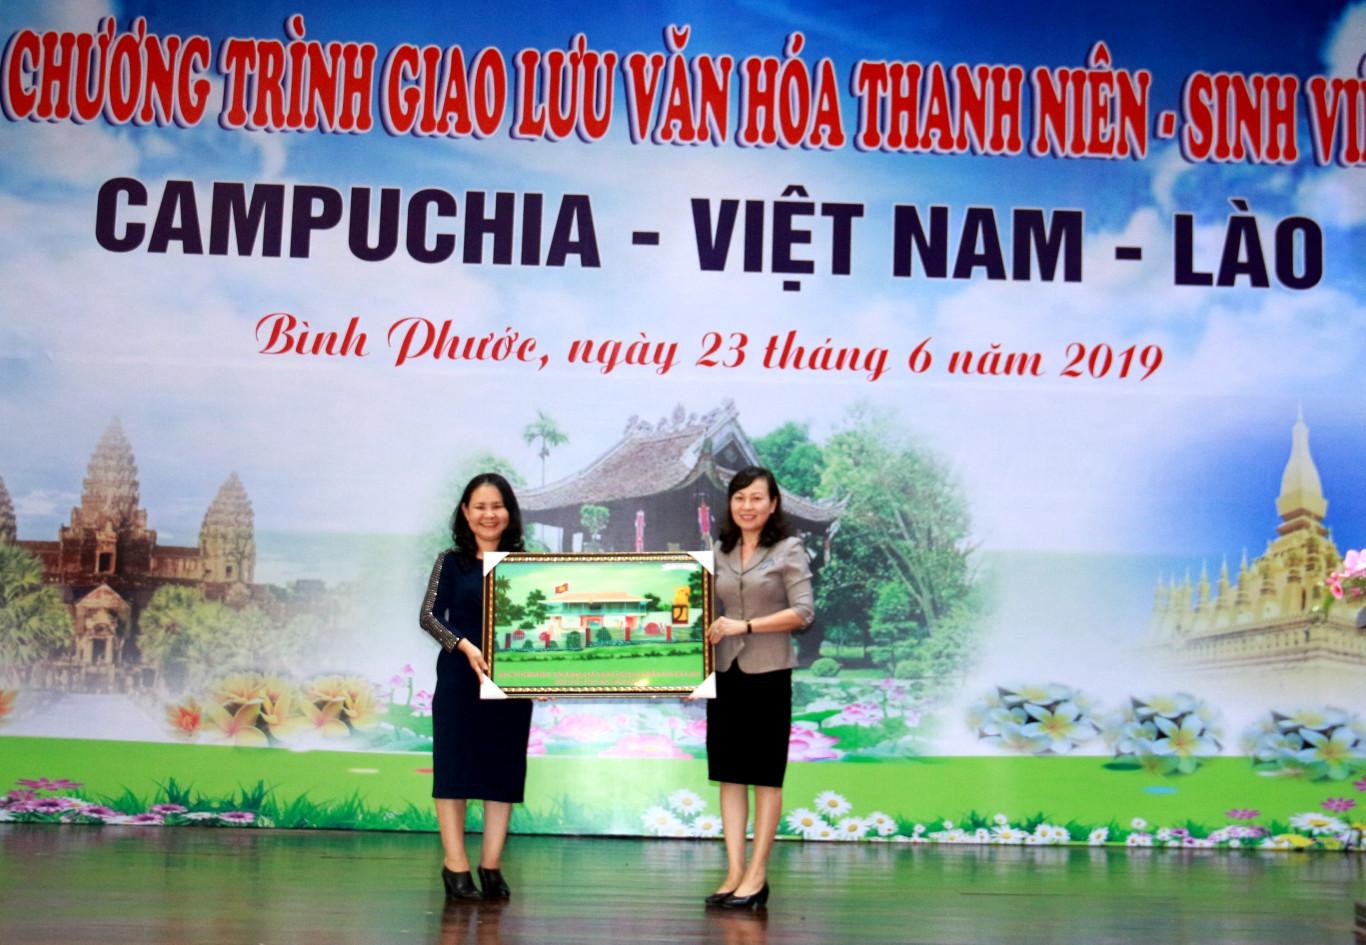 Giao lưu văn hóa thanh niên - sinh viên 3 nước: Campuchia, Việt Nam, Lào